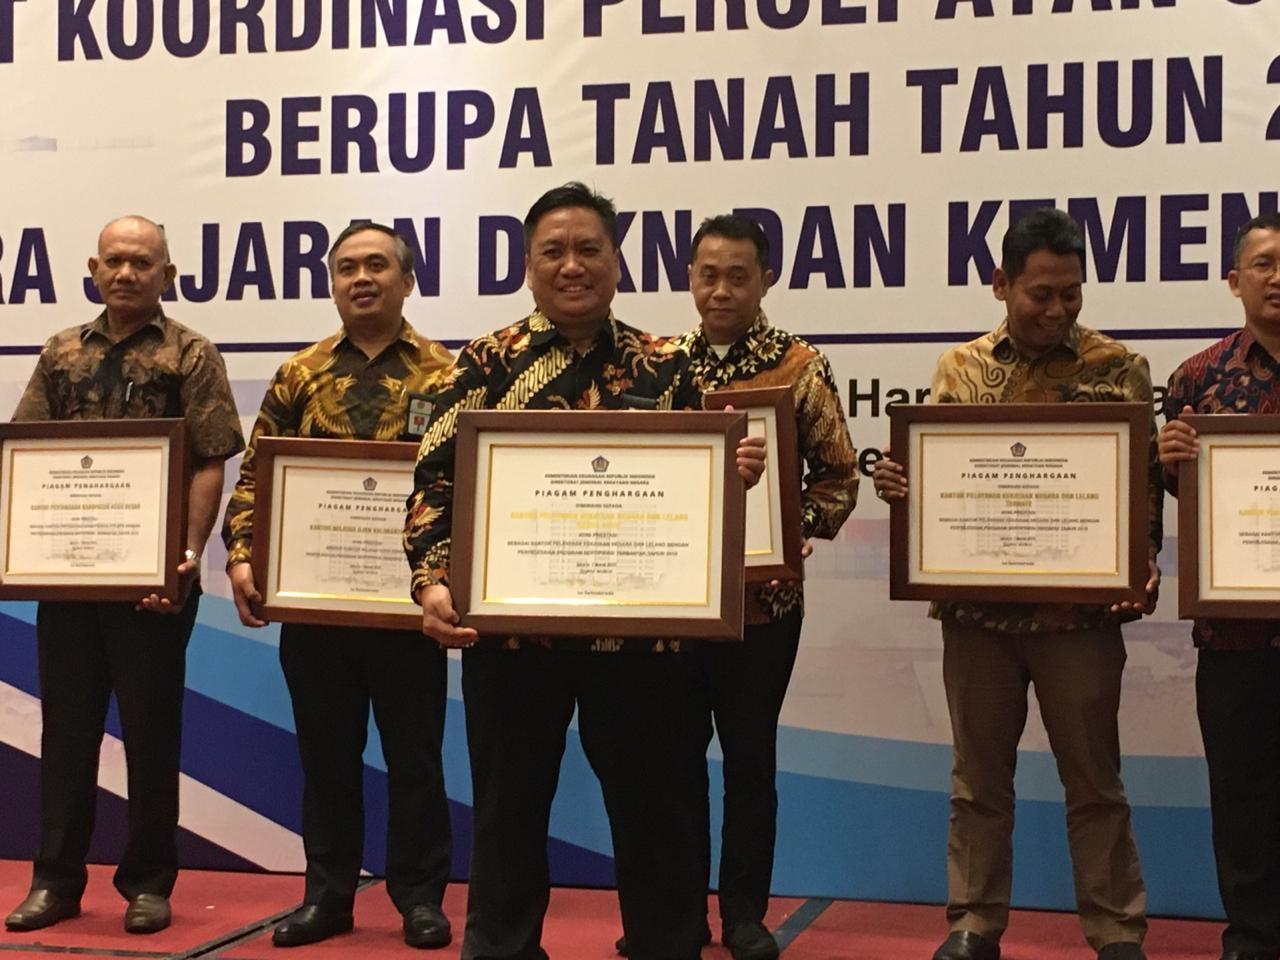 Torehan Prestasi KPKNL Banda Aceh Dalam Sertipikasi BMN Tahun 2019